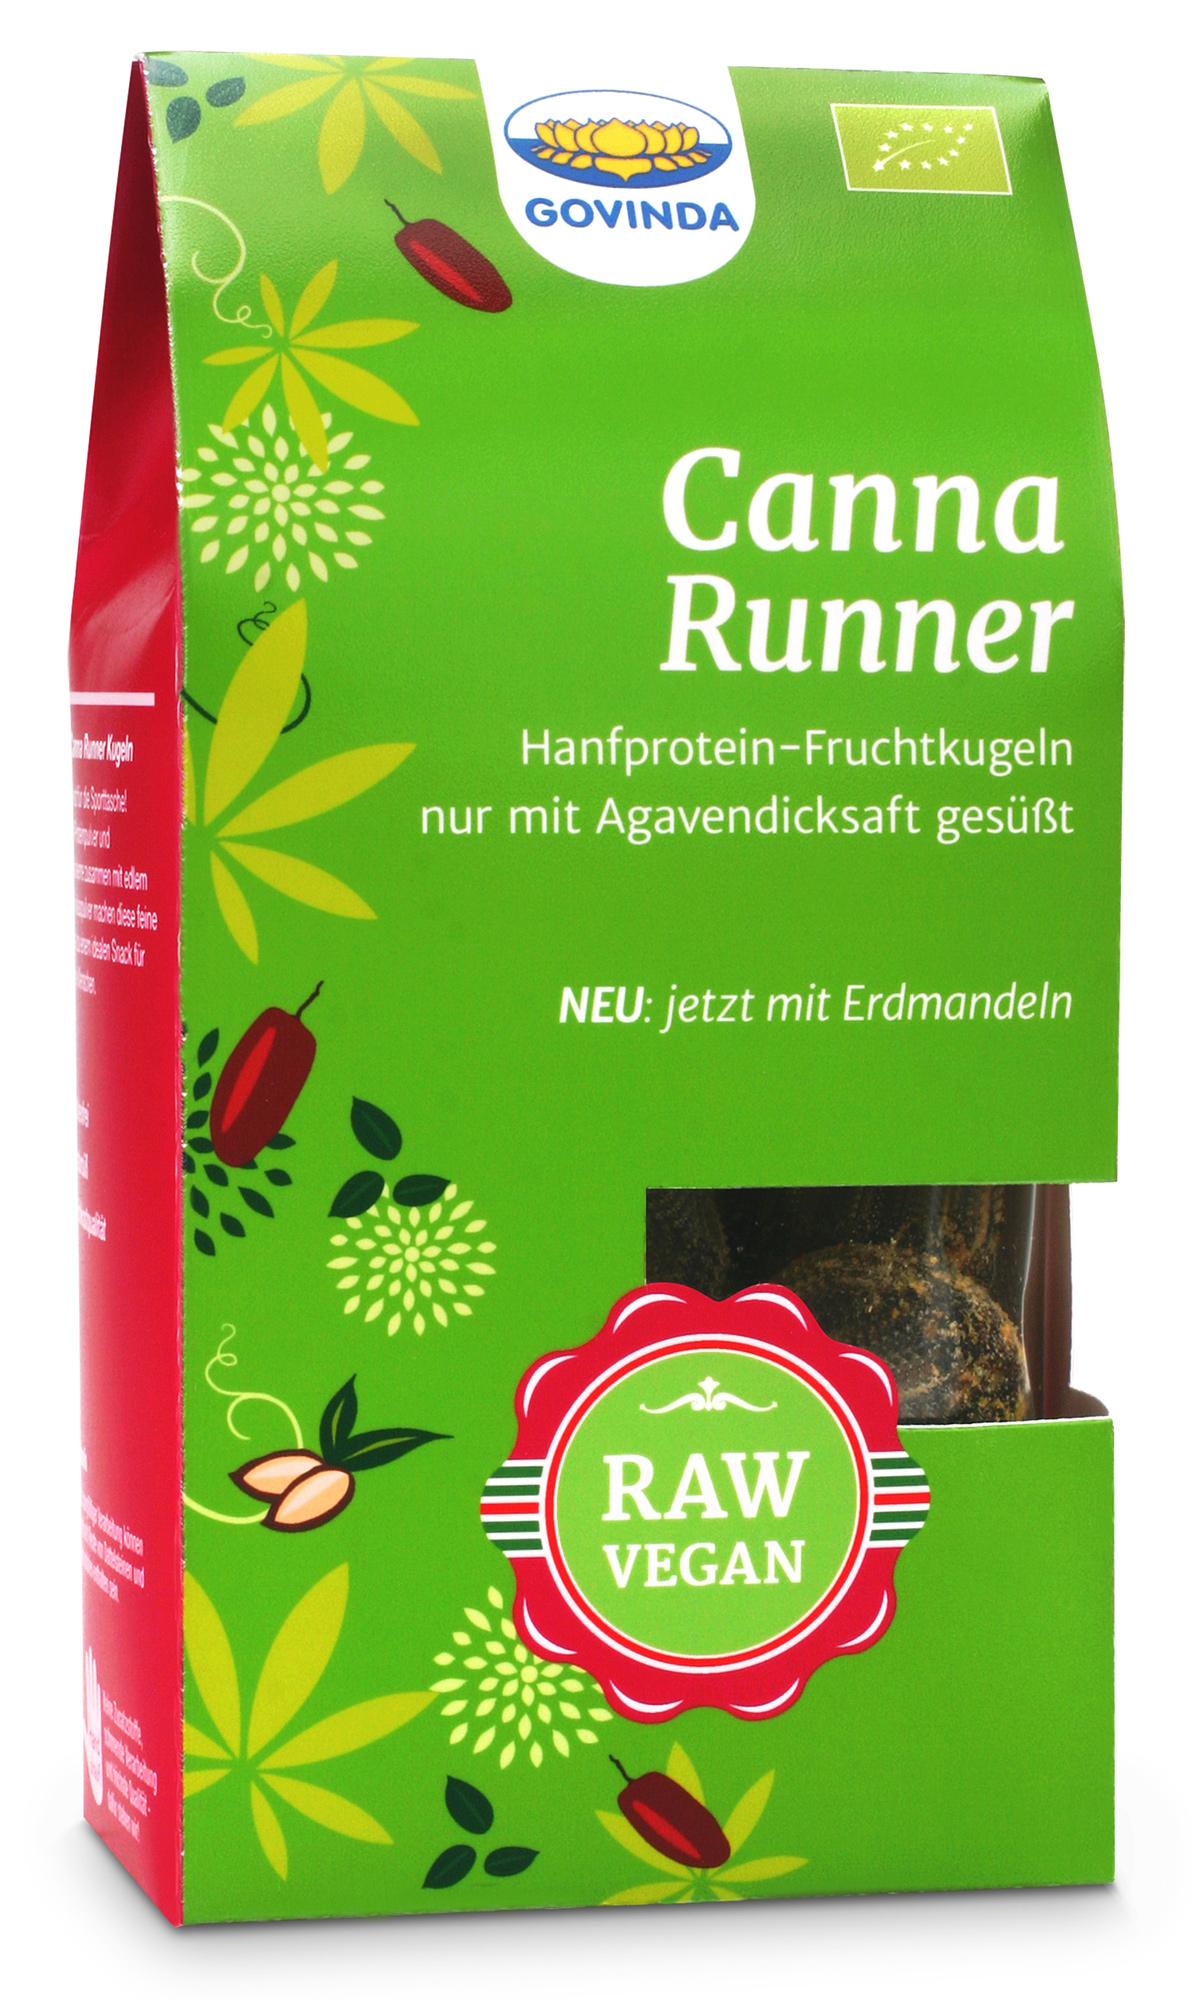 Bio Canna Runner (Hanfprotein Fruchtkugeln), 100 g